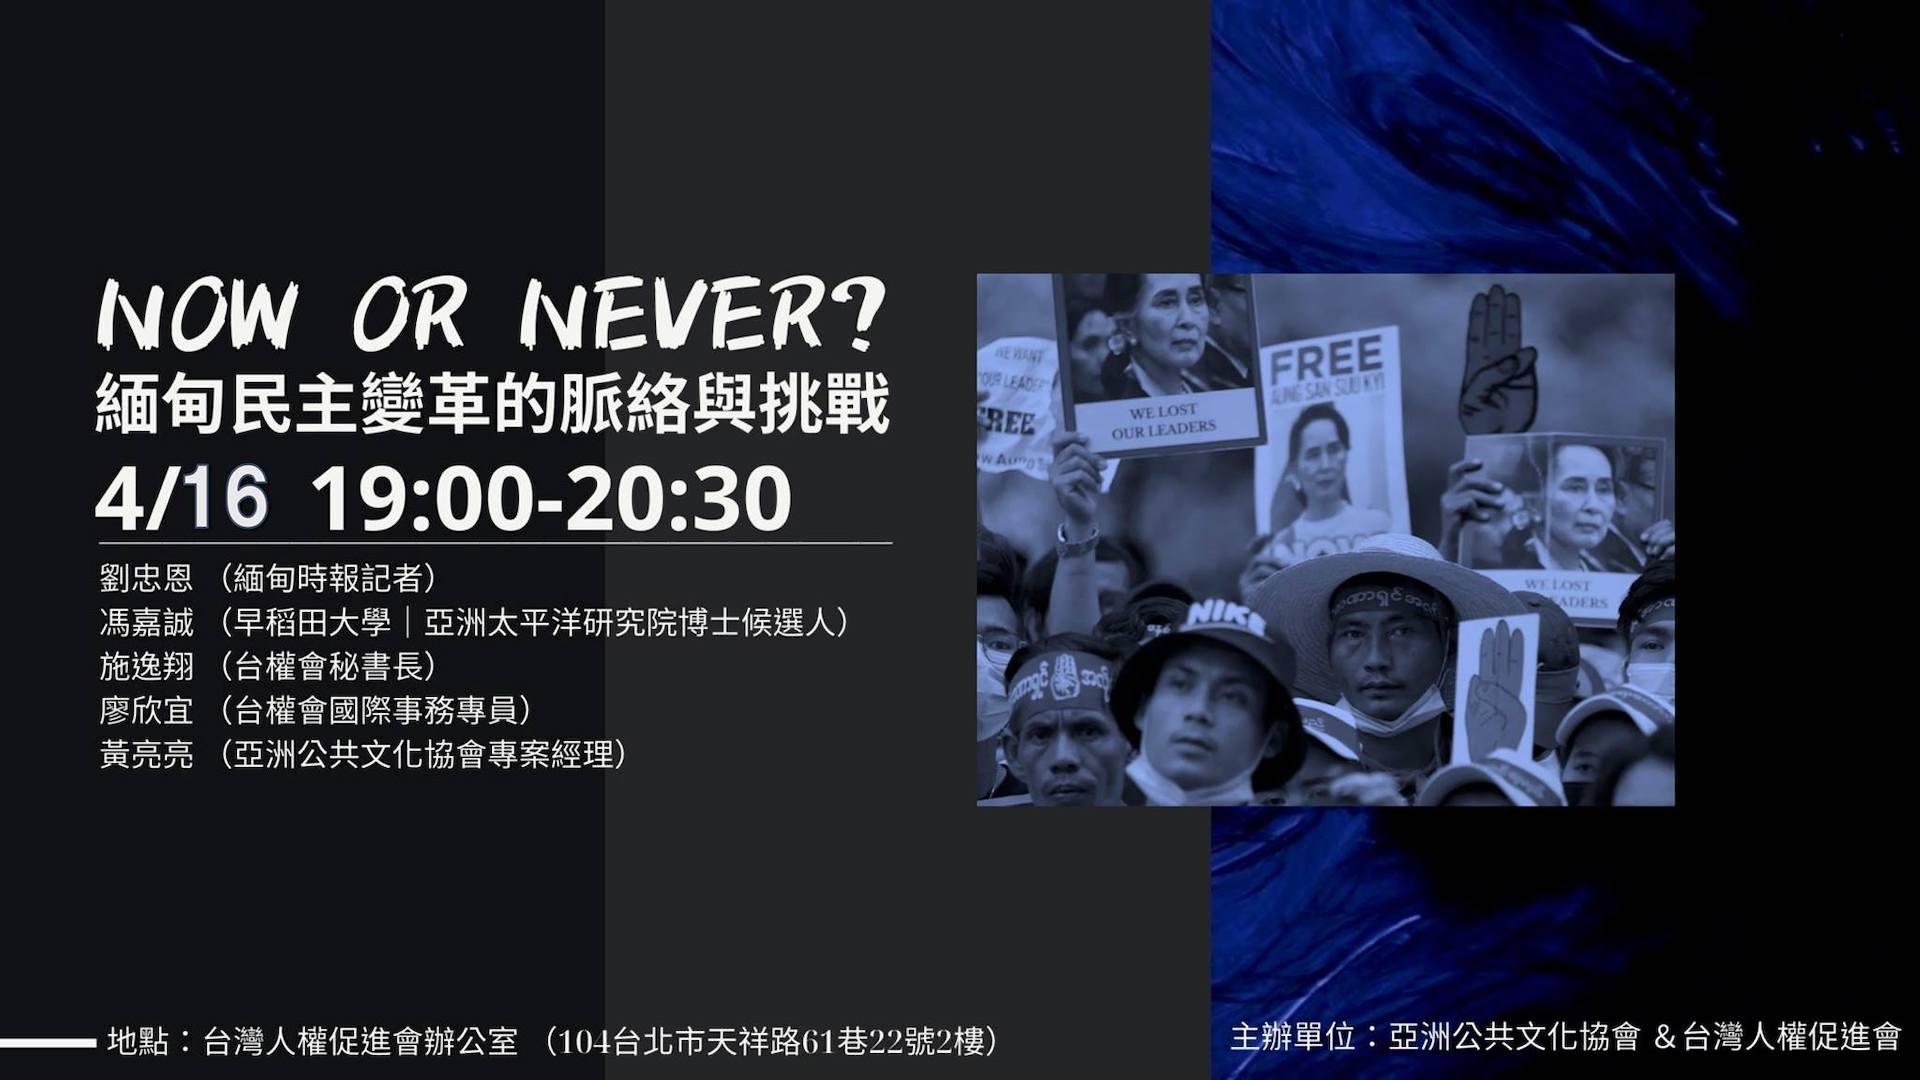 【活動通知】NOW OR NEVER?  緬甸民主變革的脈絡與挑戰(APCA緬甸系列第一場) 2021/04/16